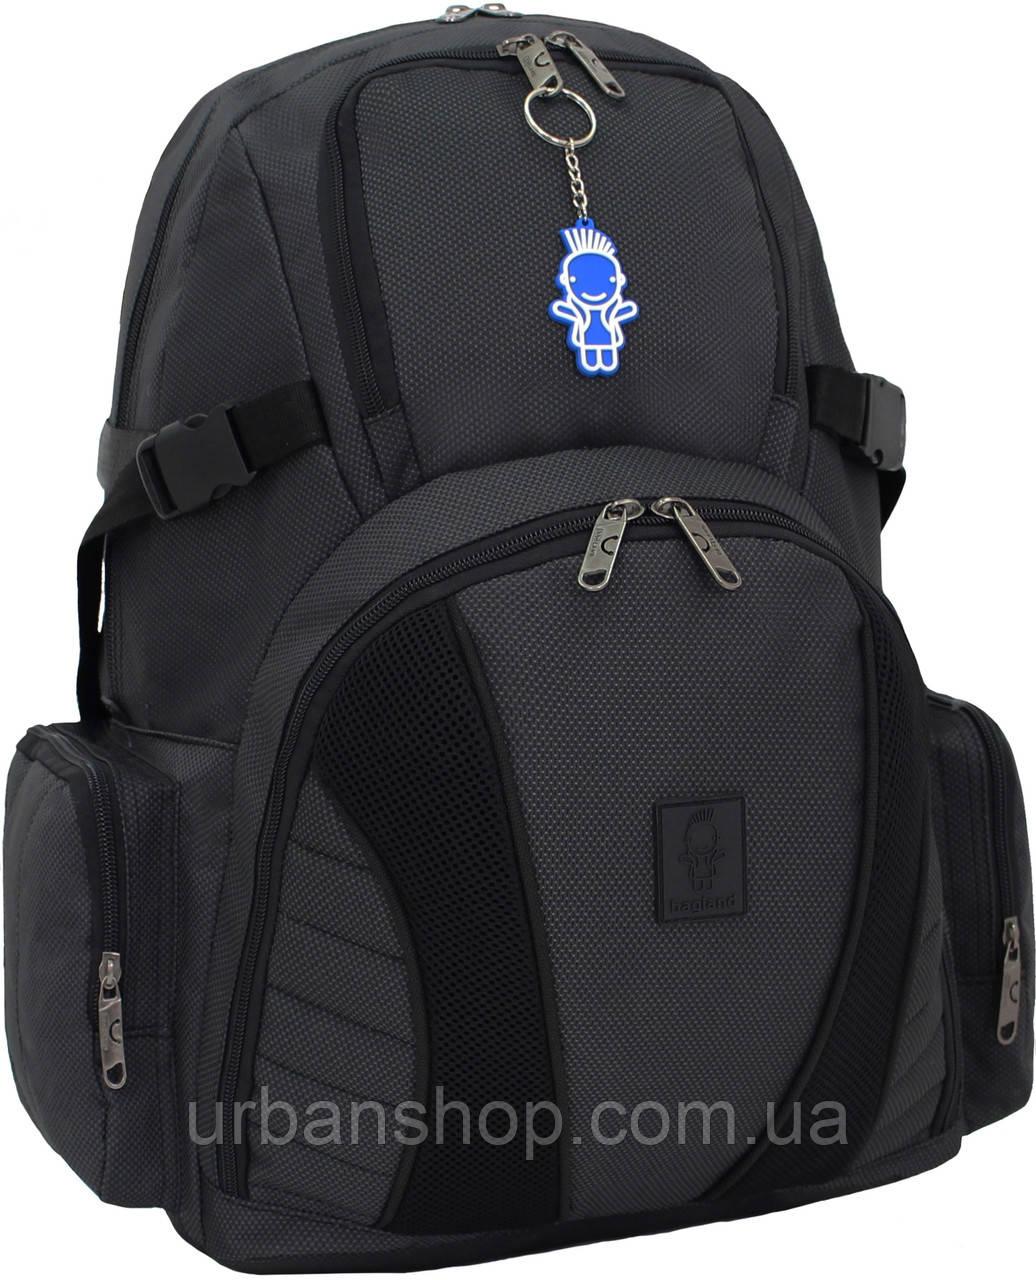 Украина Рюкзак Bagland Звезда 35 л. Чёрный (00188169)